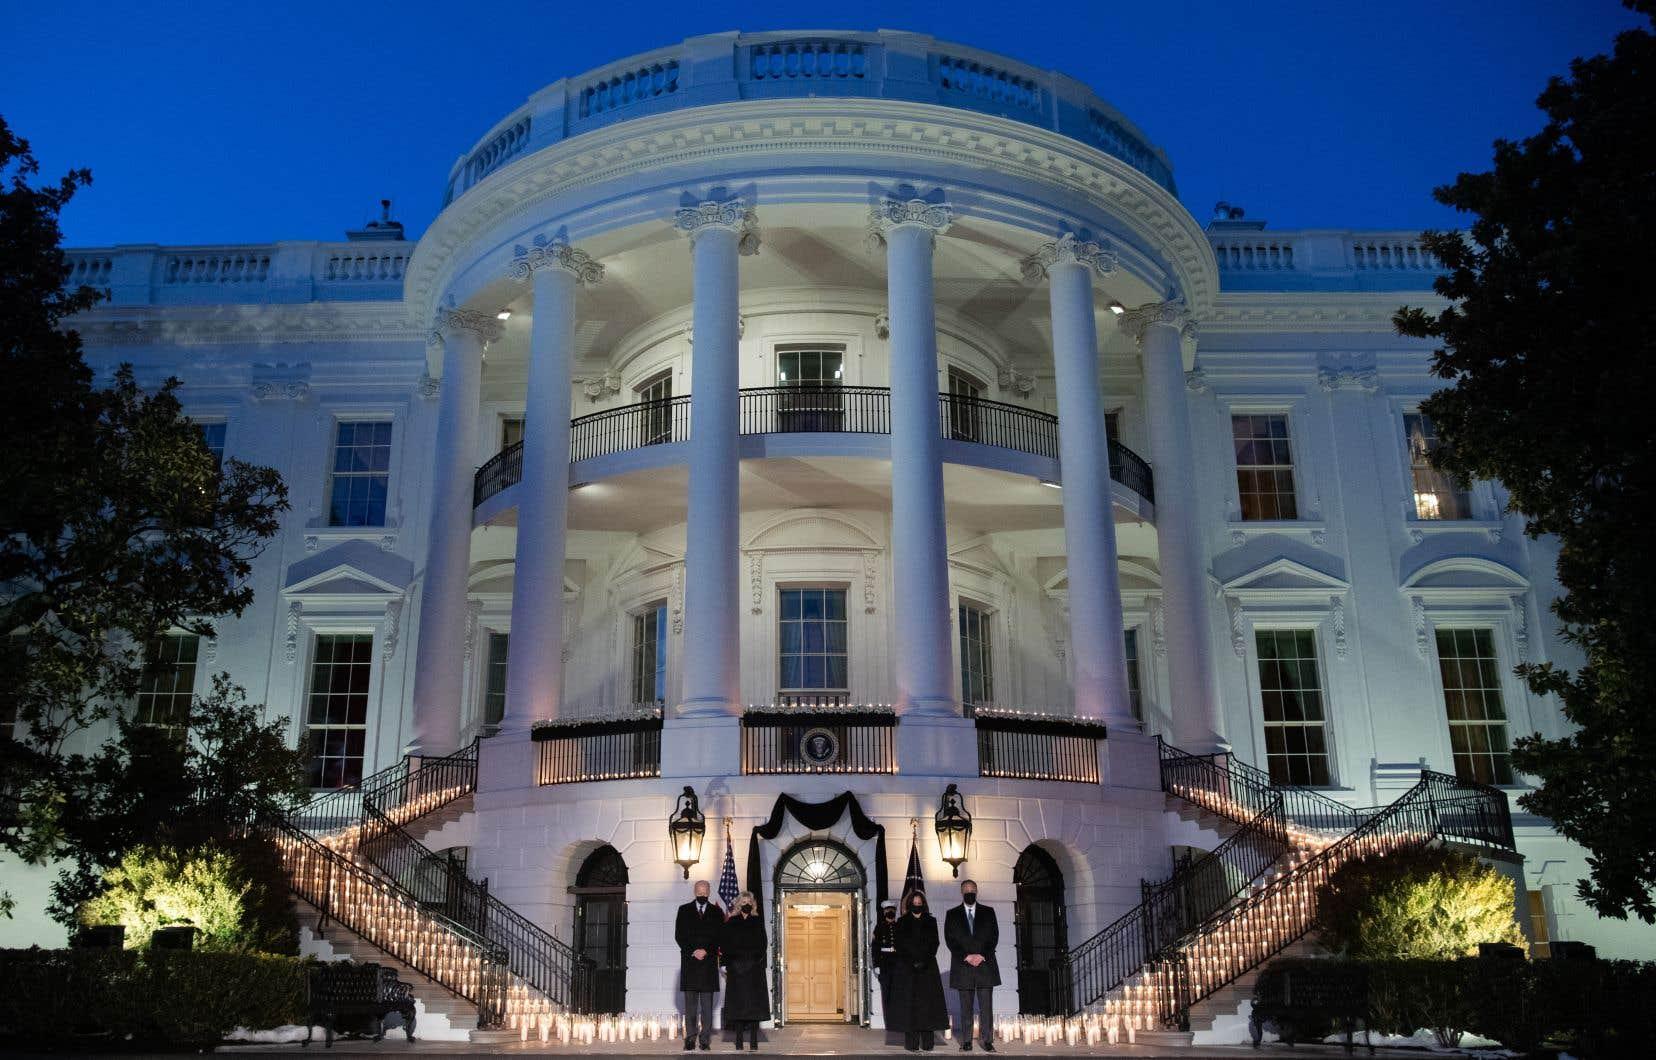 Lundi, 500 bougies ont été disposées sur le balcon et les escaliers de la Maison-Blanche pour symboliser les 500000 morts américains.